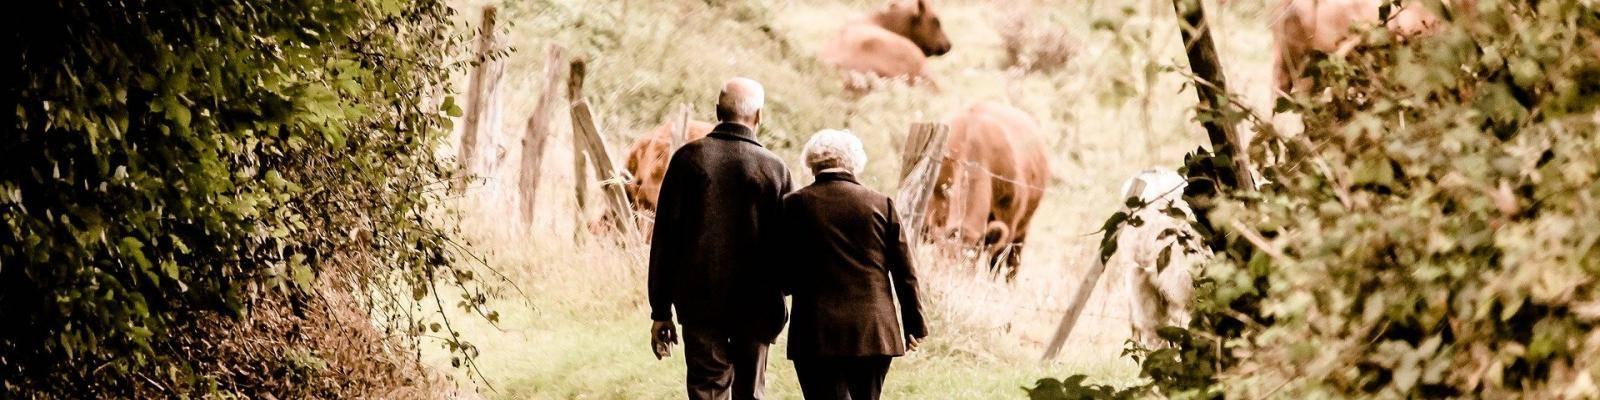 Ouder paar wandelen